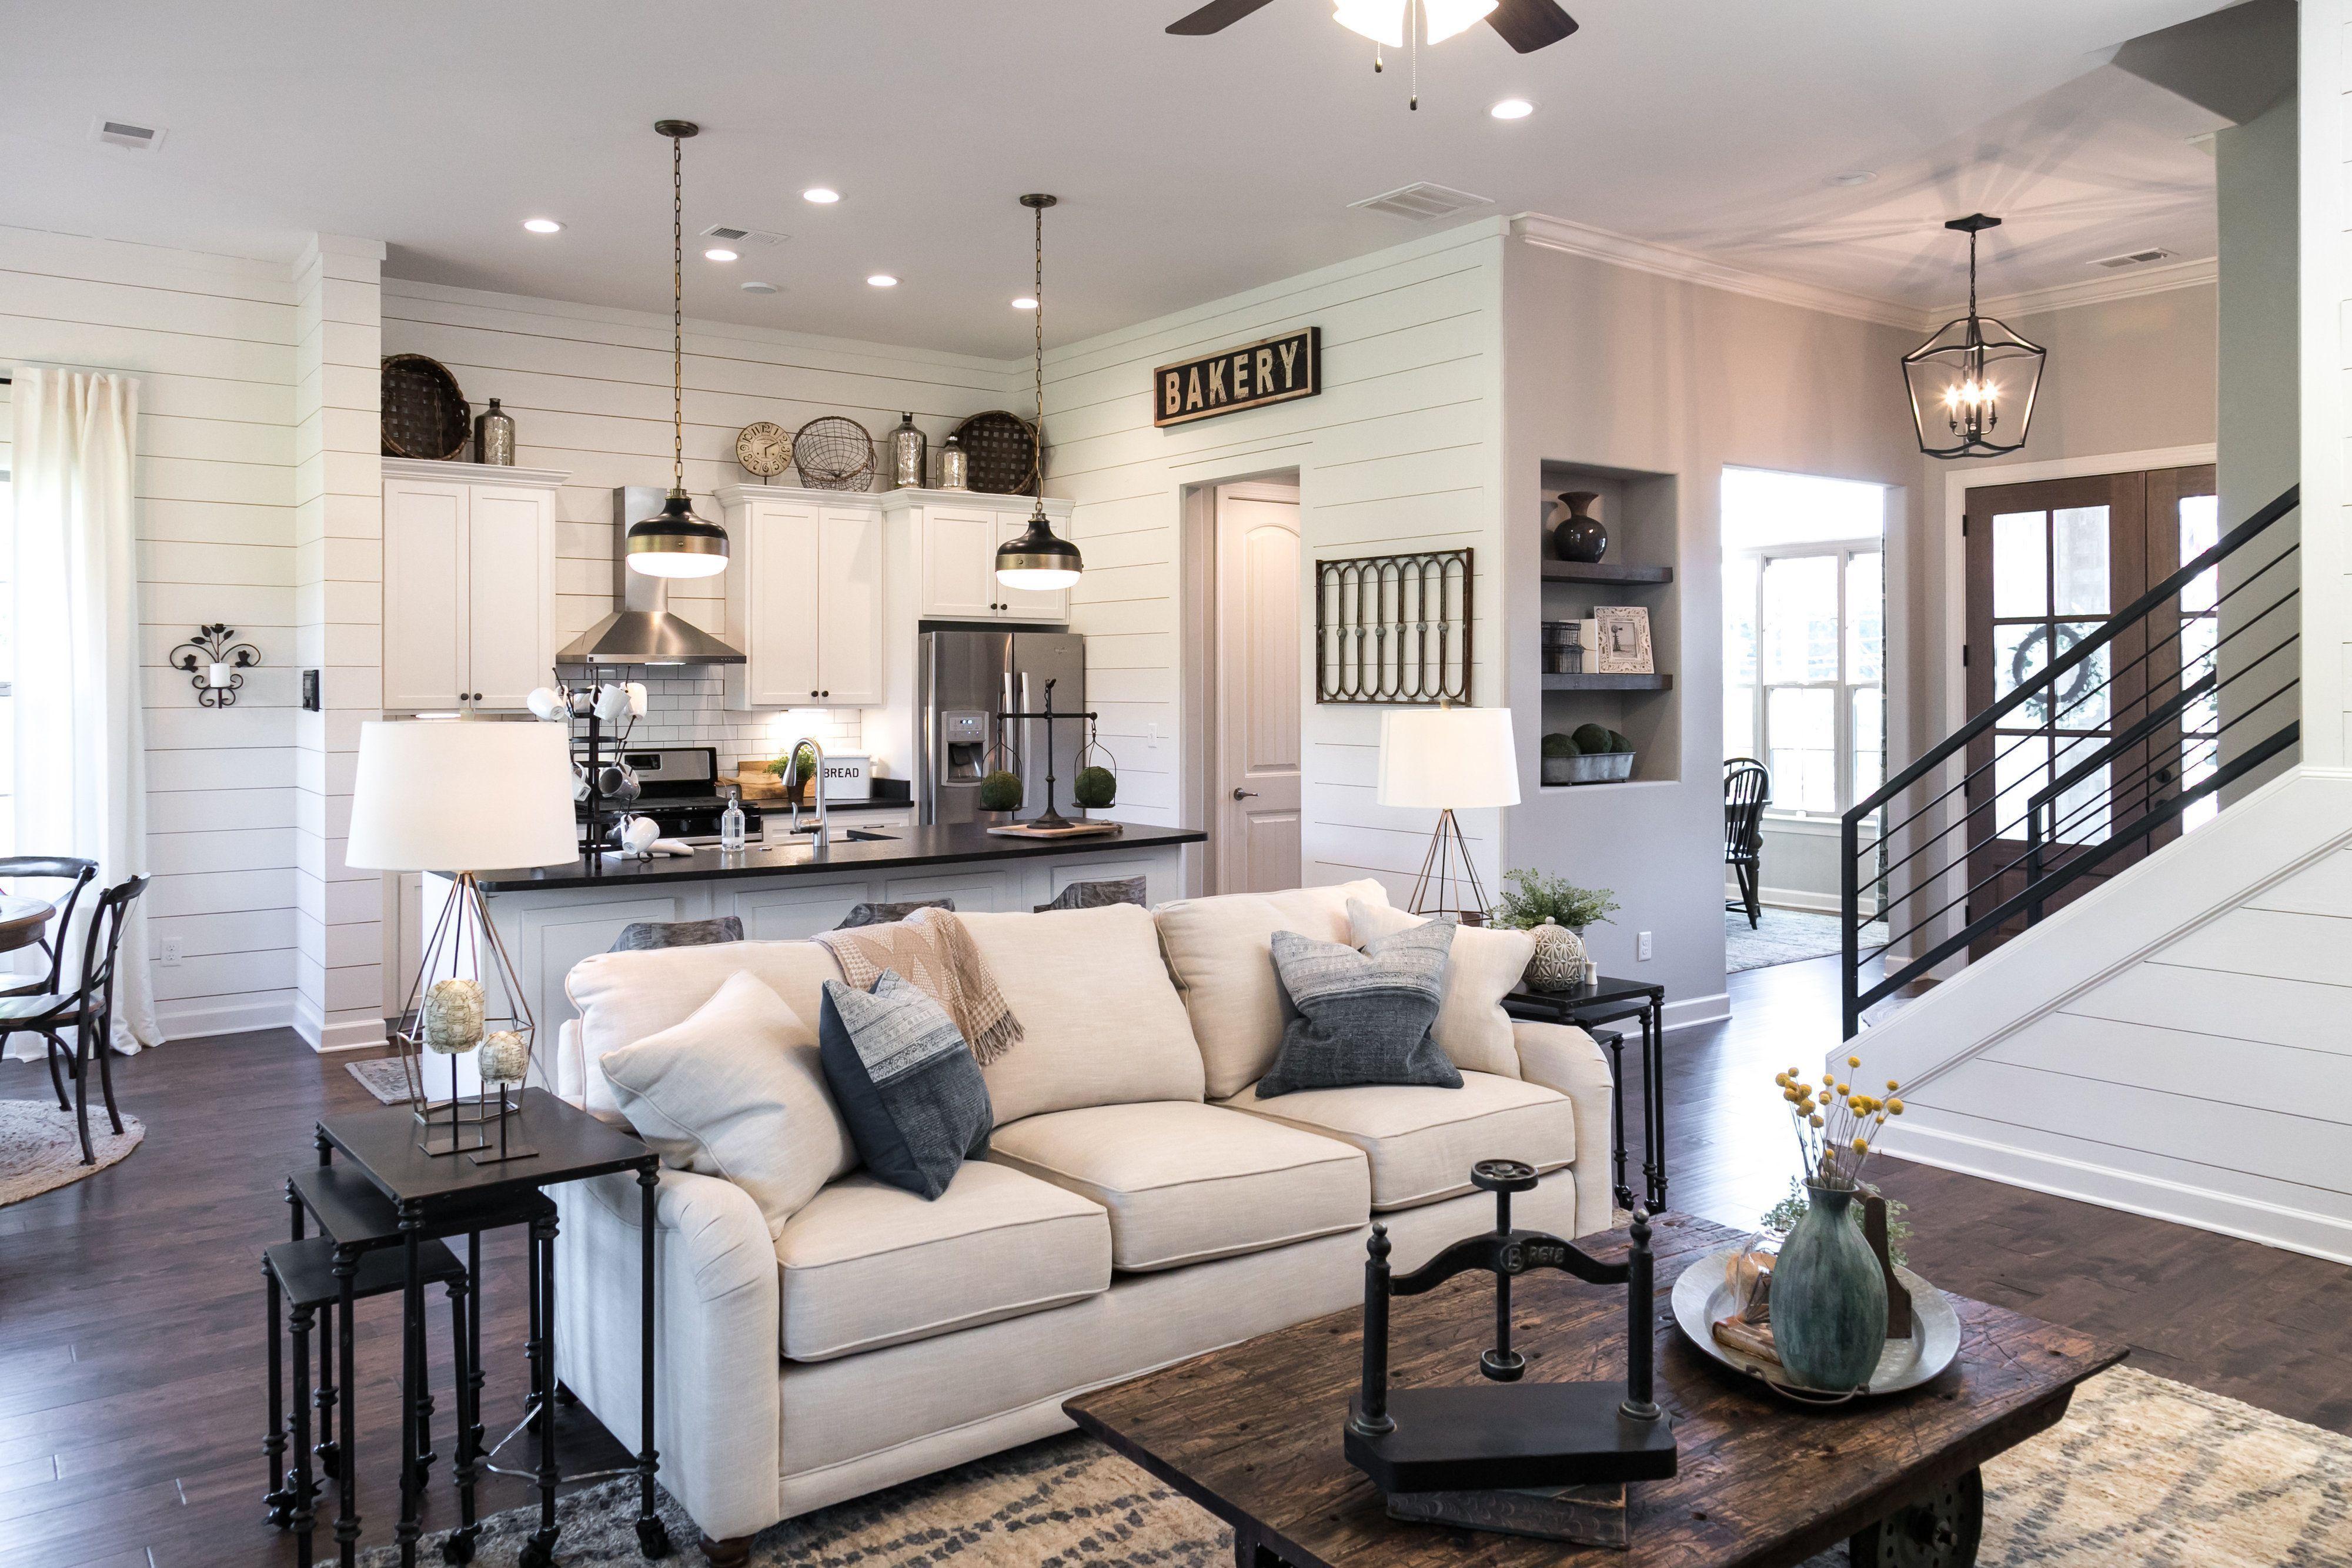 Open Concept Modern Floor Plans To Inspire You 24 Modern Farmhouse Living Room Decor Farmhouse Style Living Room Farmhouse Style Living Room Decor